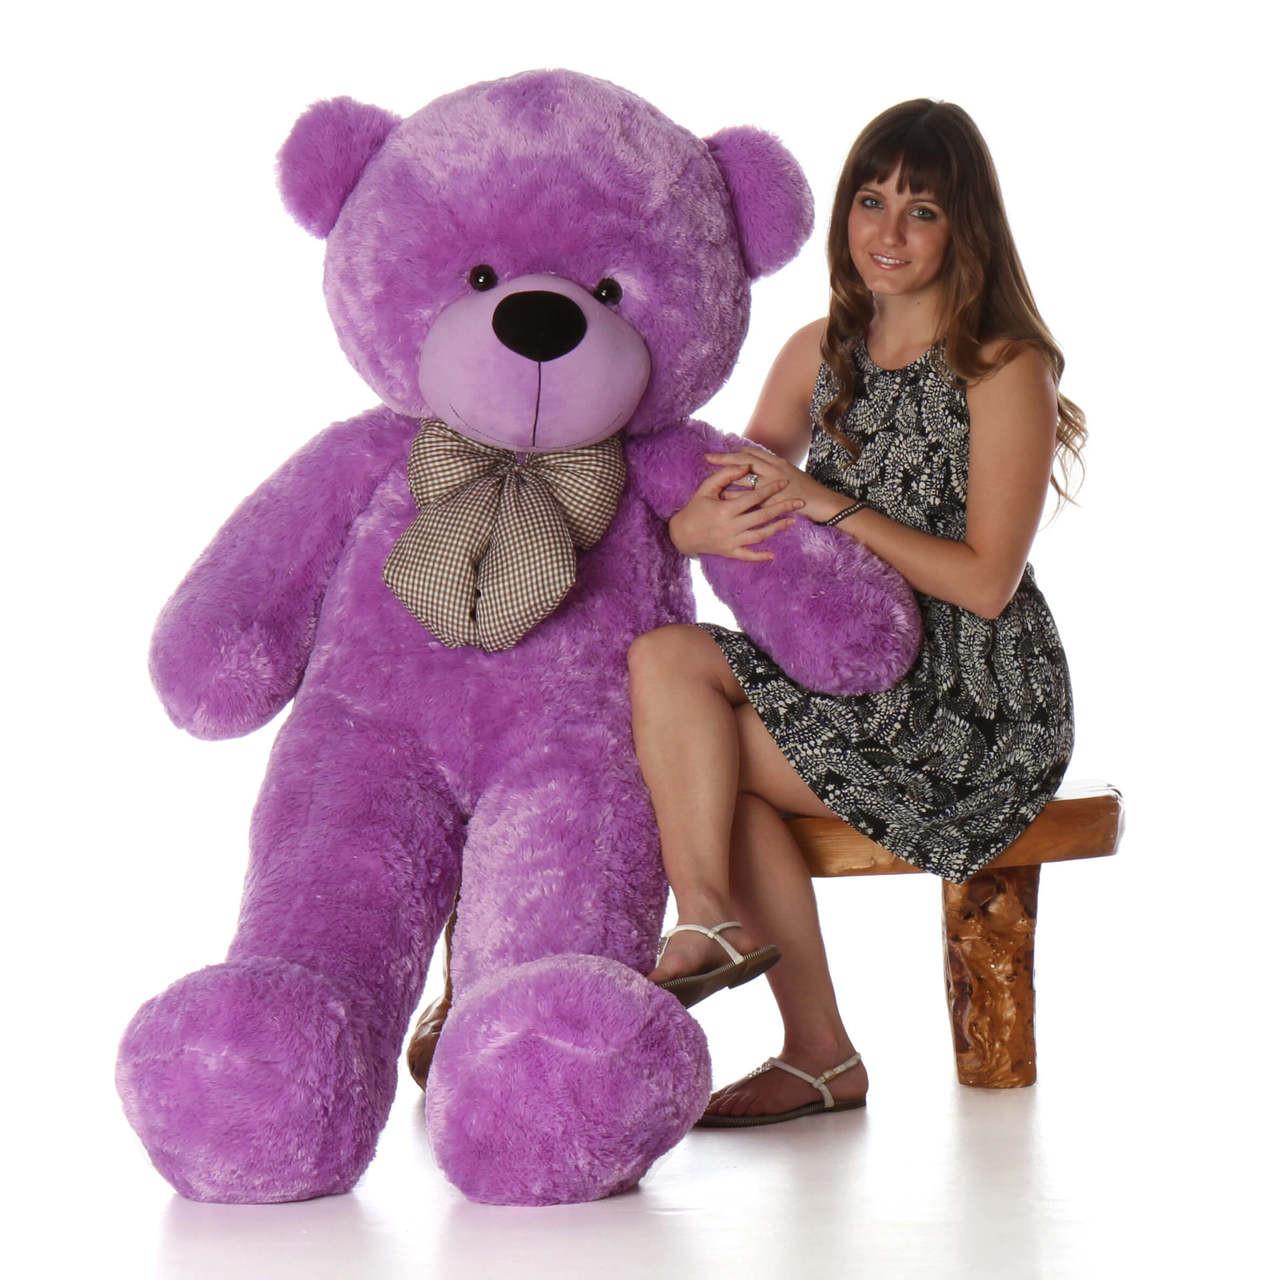 60in best selling Life Size Purple Teddy Bear DeeDee Cuddles